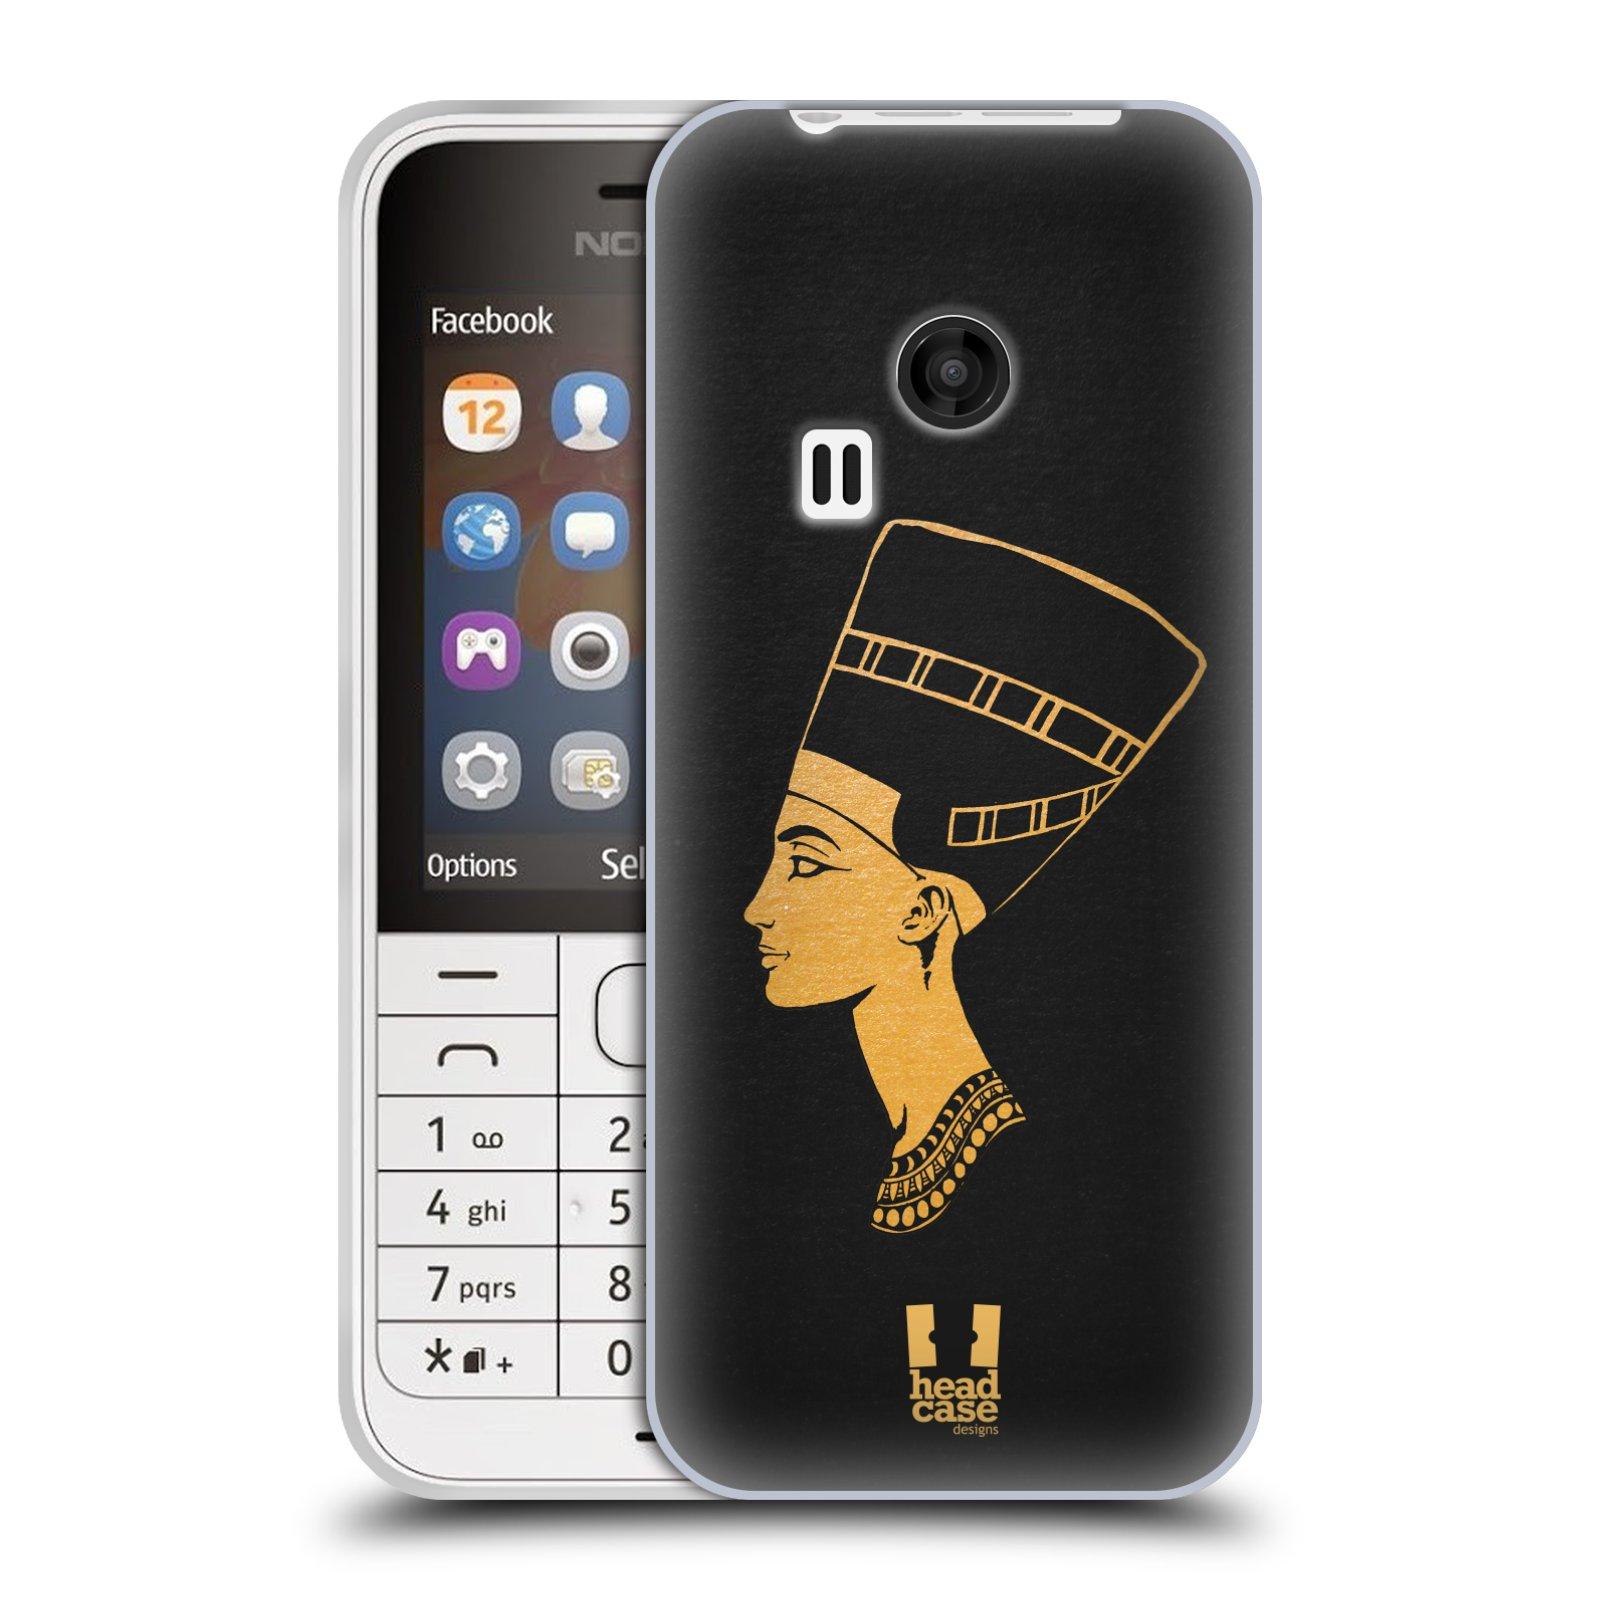 Silikonové pouzdro na mobil Nokia 220 HEAD CASE EGYPT NEFERTITI (Silikonový kryt či obal na mobilní telefon Nokia 220 a 220 Dual SIM)